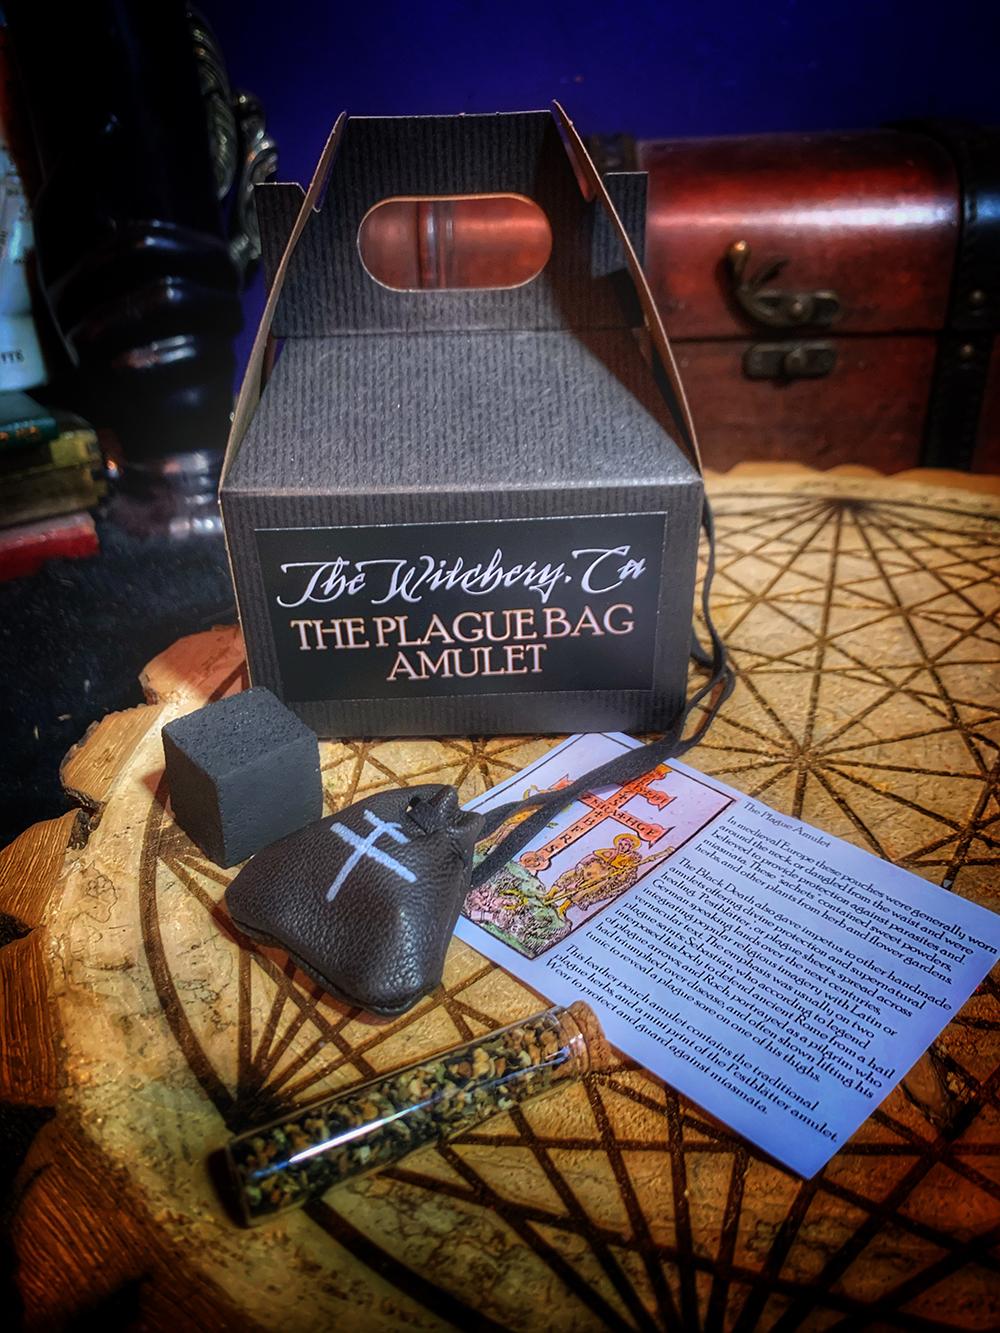 The Plague Bag Amulet